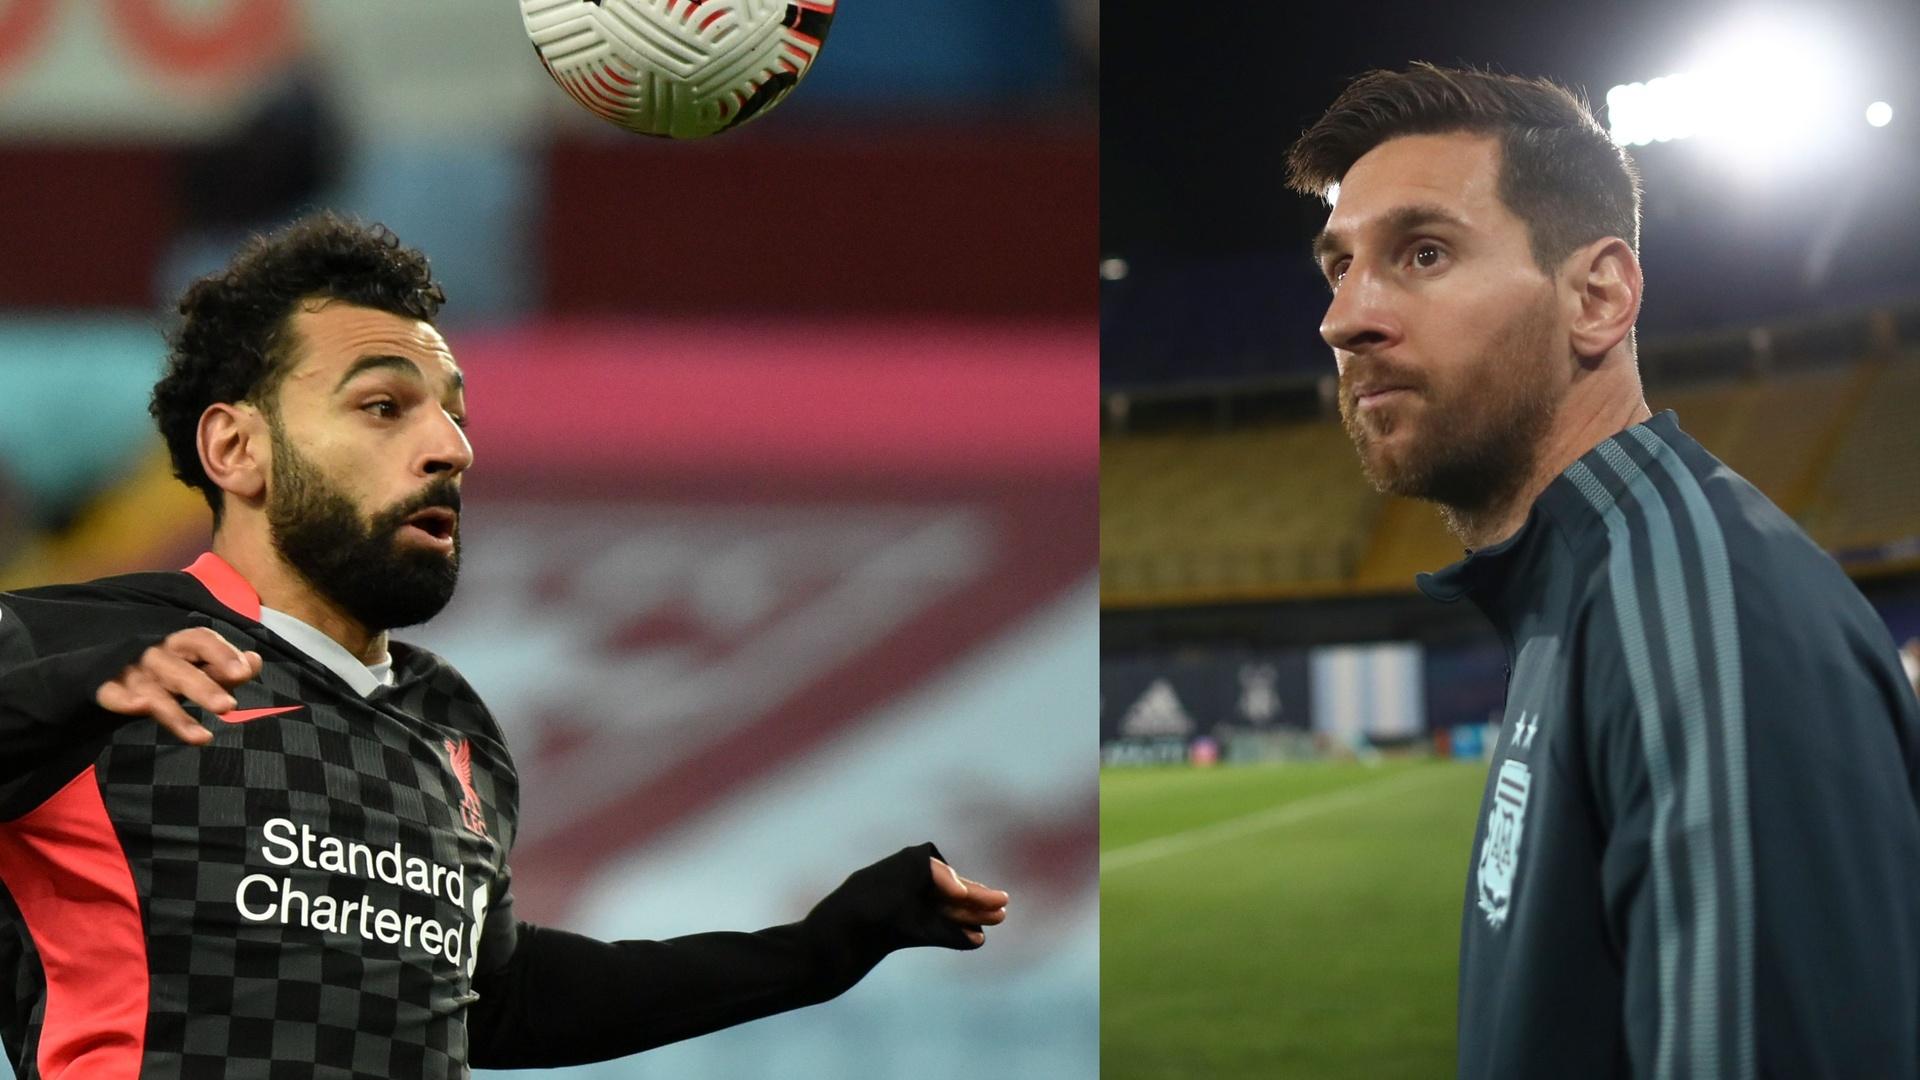 أسطورة ميلان ونجم ريال مدريد المعتزل: صلاح بوسعه أن يصبح مثل ميسي لو فعل شيئين